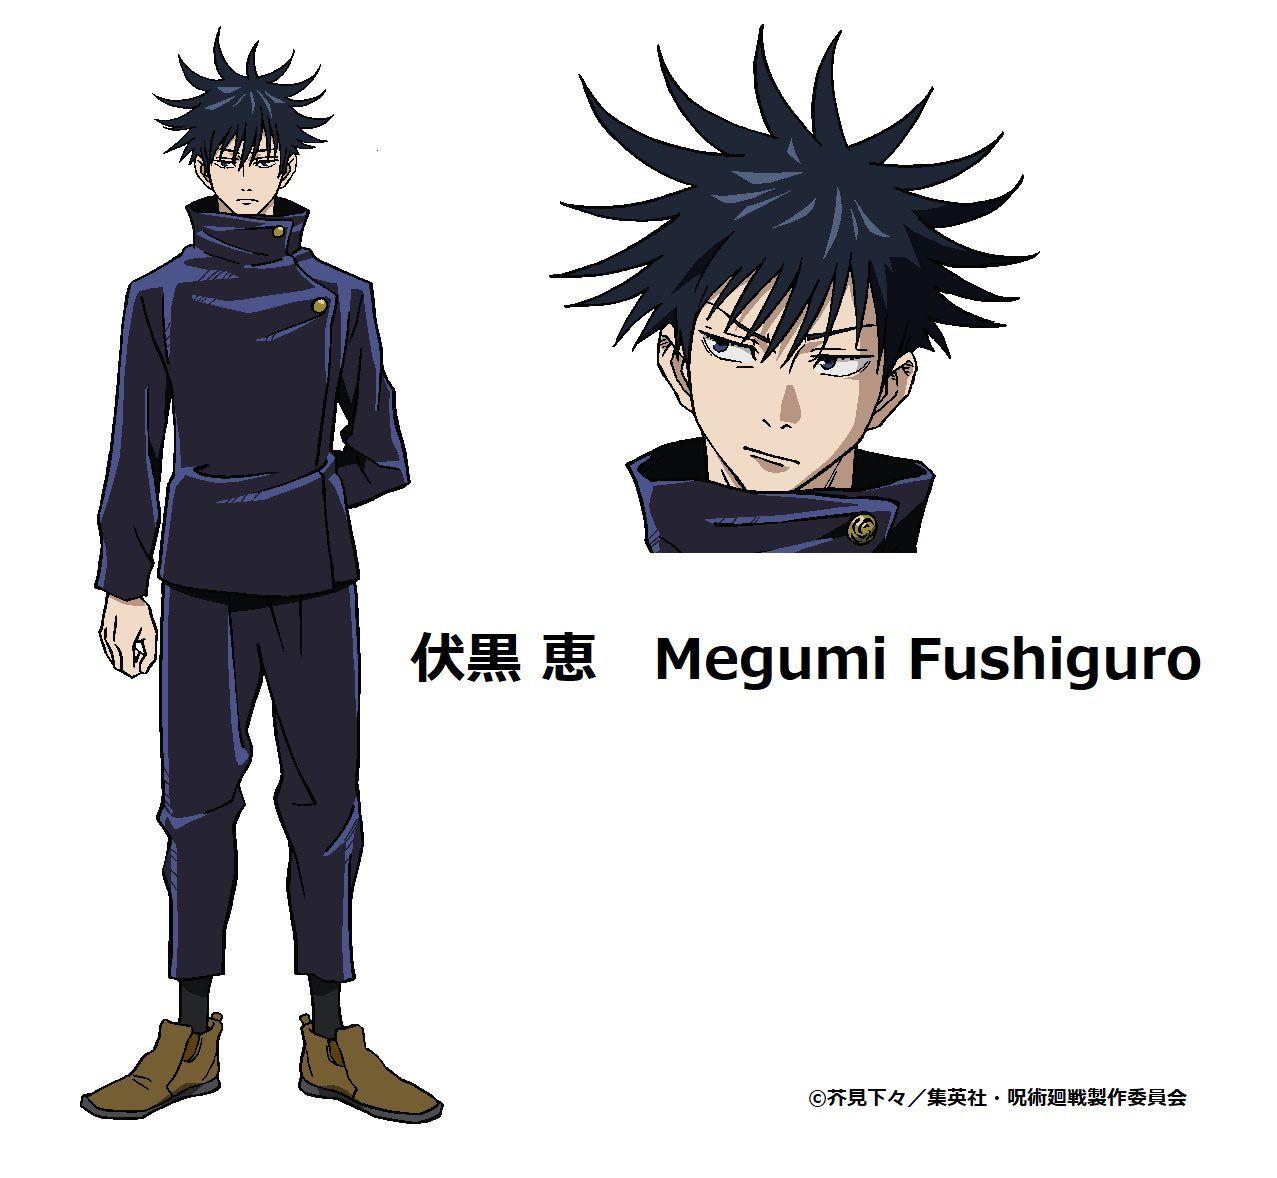 Jujutsu Kaisen On Twitter Jujutsu Anime Jujitsu